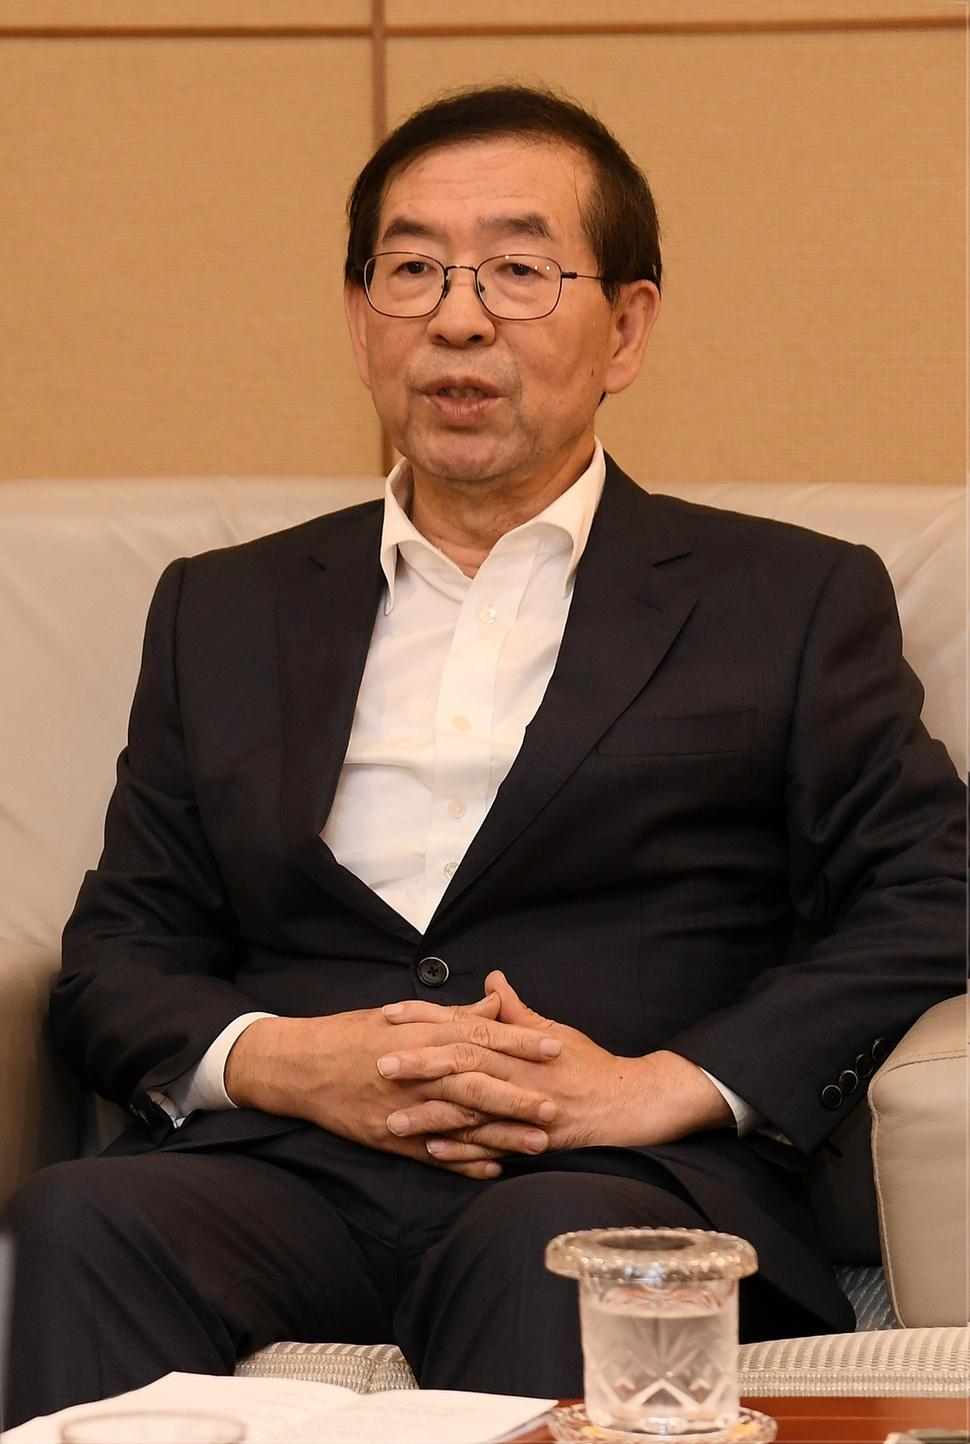 기자들의 질문에 답변하는 박원순 서울시장 서울시 제공